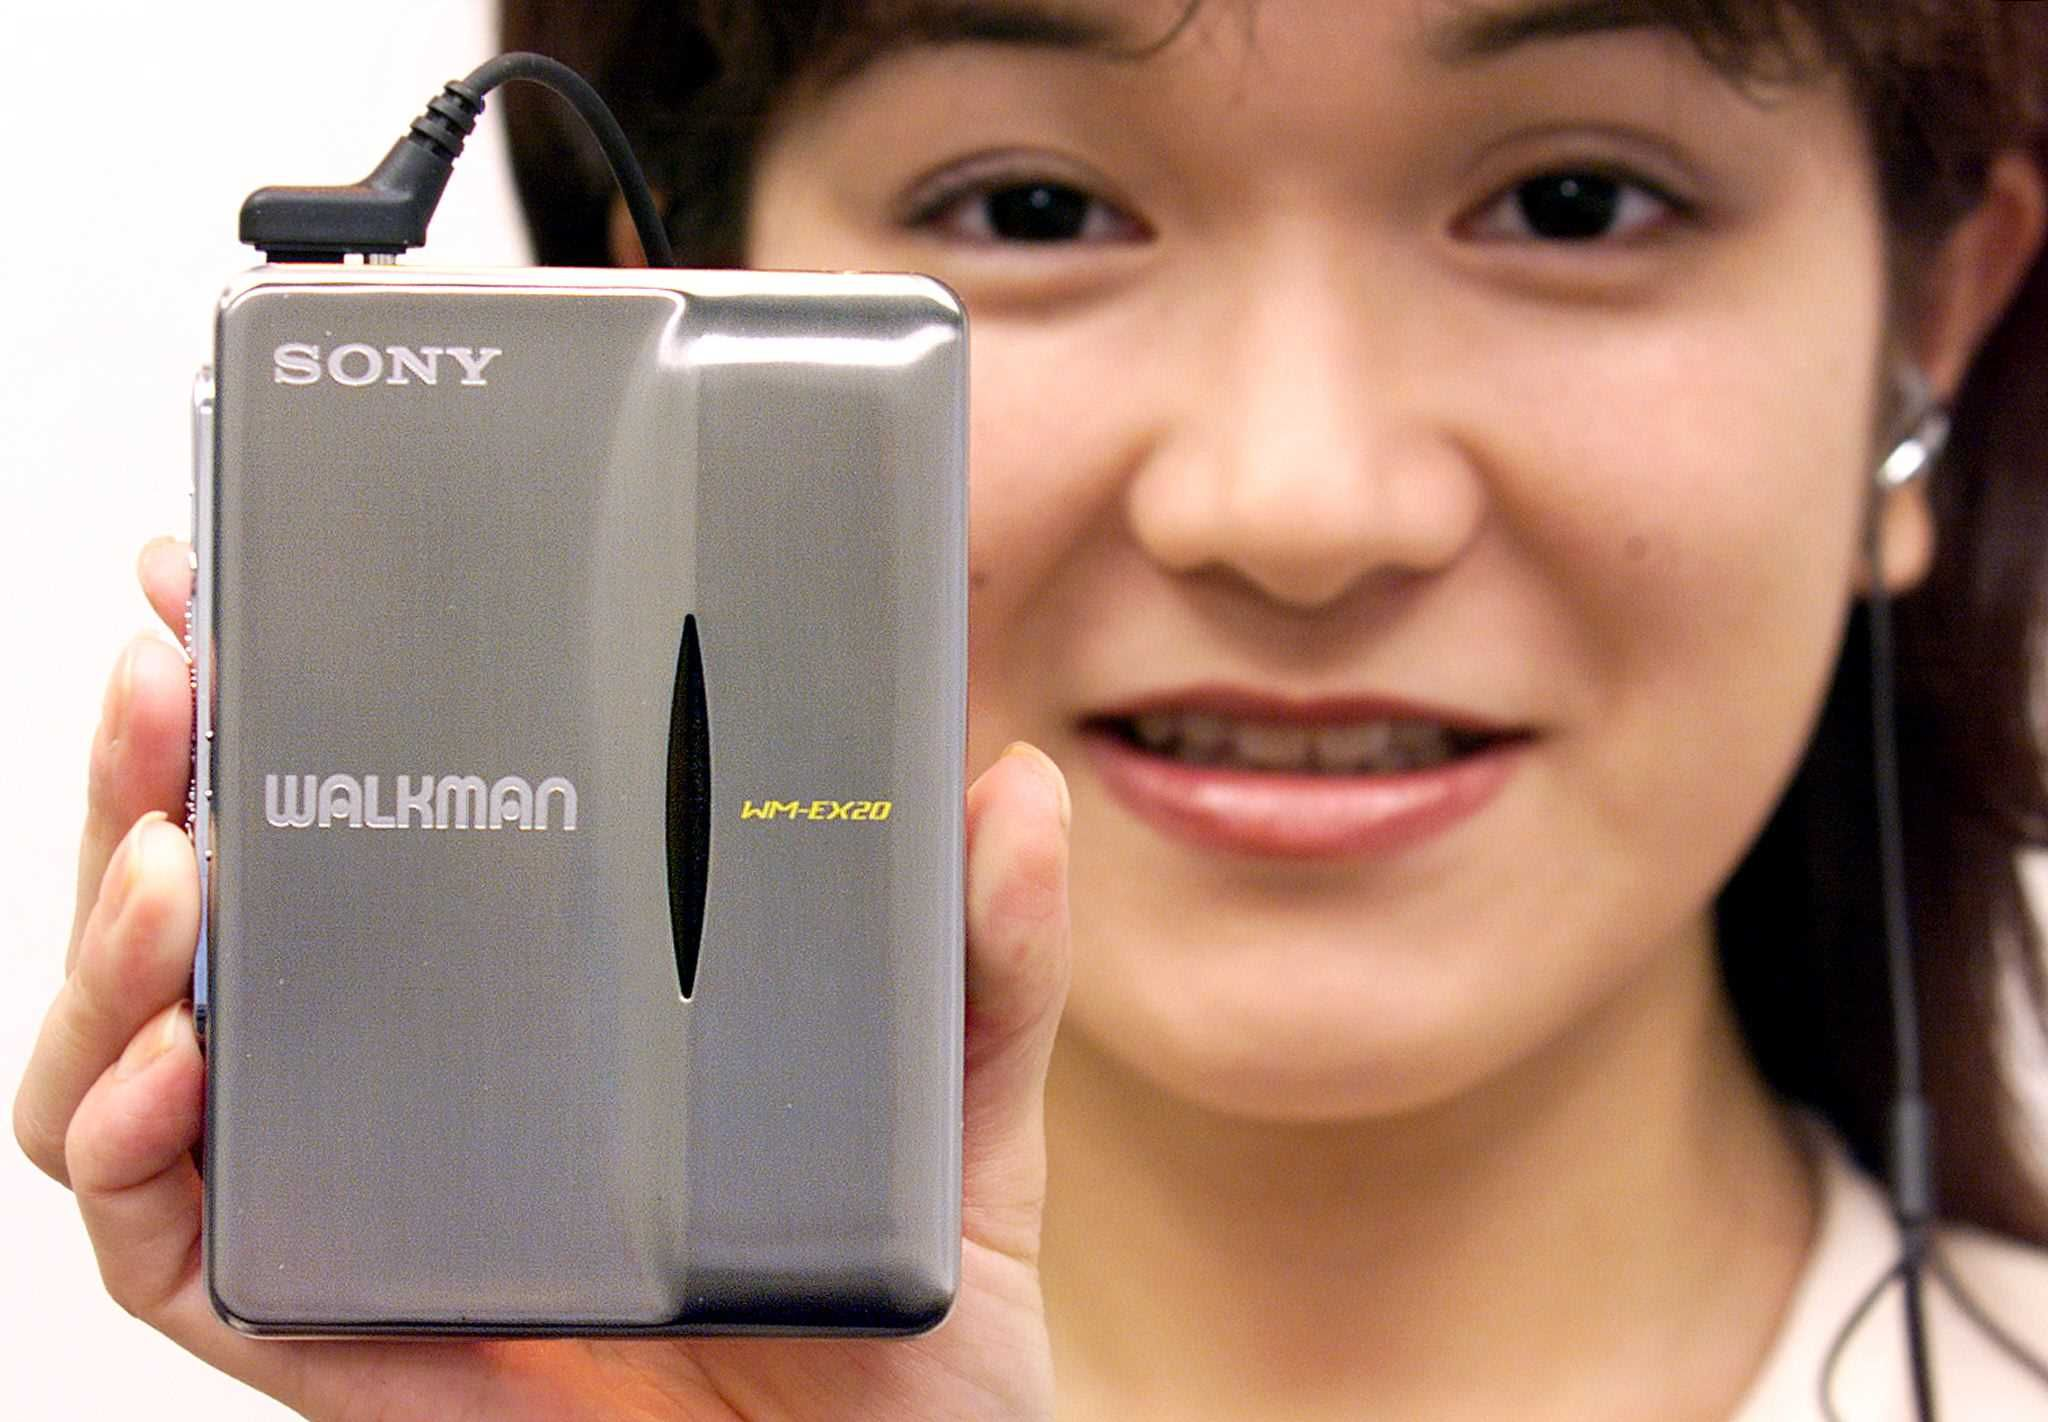 7. 'Walkman'/'discman'. En 1979 el walkman de Sony, del tamaño de un casete, cambió la manera como la gente oía música. Gracias a sus audífonos y su portabilidad no era necesario tener un equipo de sonido, pues se podía llevar a todas partes y disfrutarlo en privado. Más tarde vino el discman para reproducir discos compactos. Ambos aparatos perdieron popularidad con el iPod y luego con la llegada de aplicaciones para oír música. Hoy, en YouTube hay tutoriales para enseñarles a los…